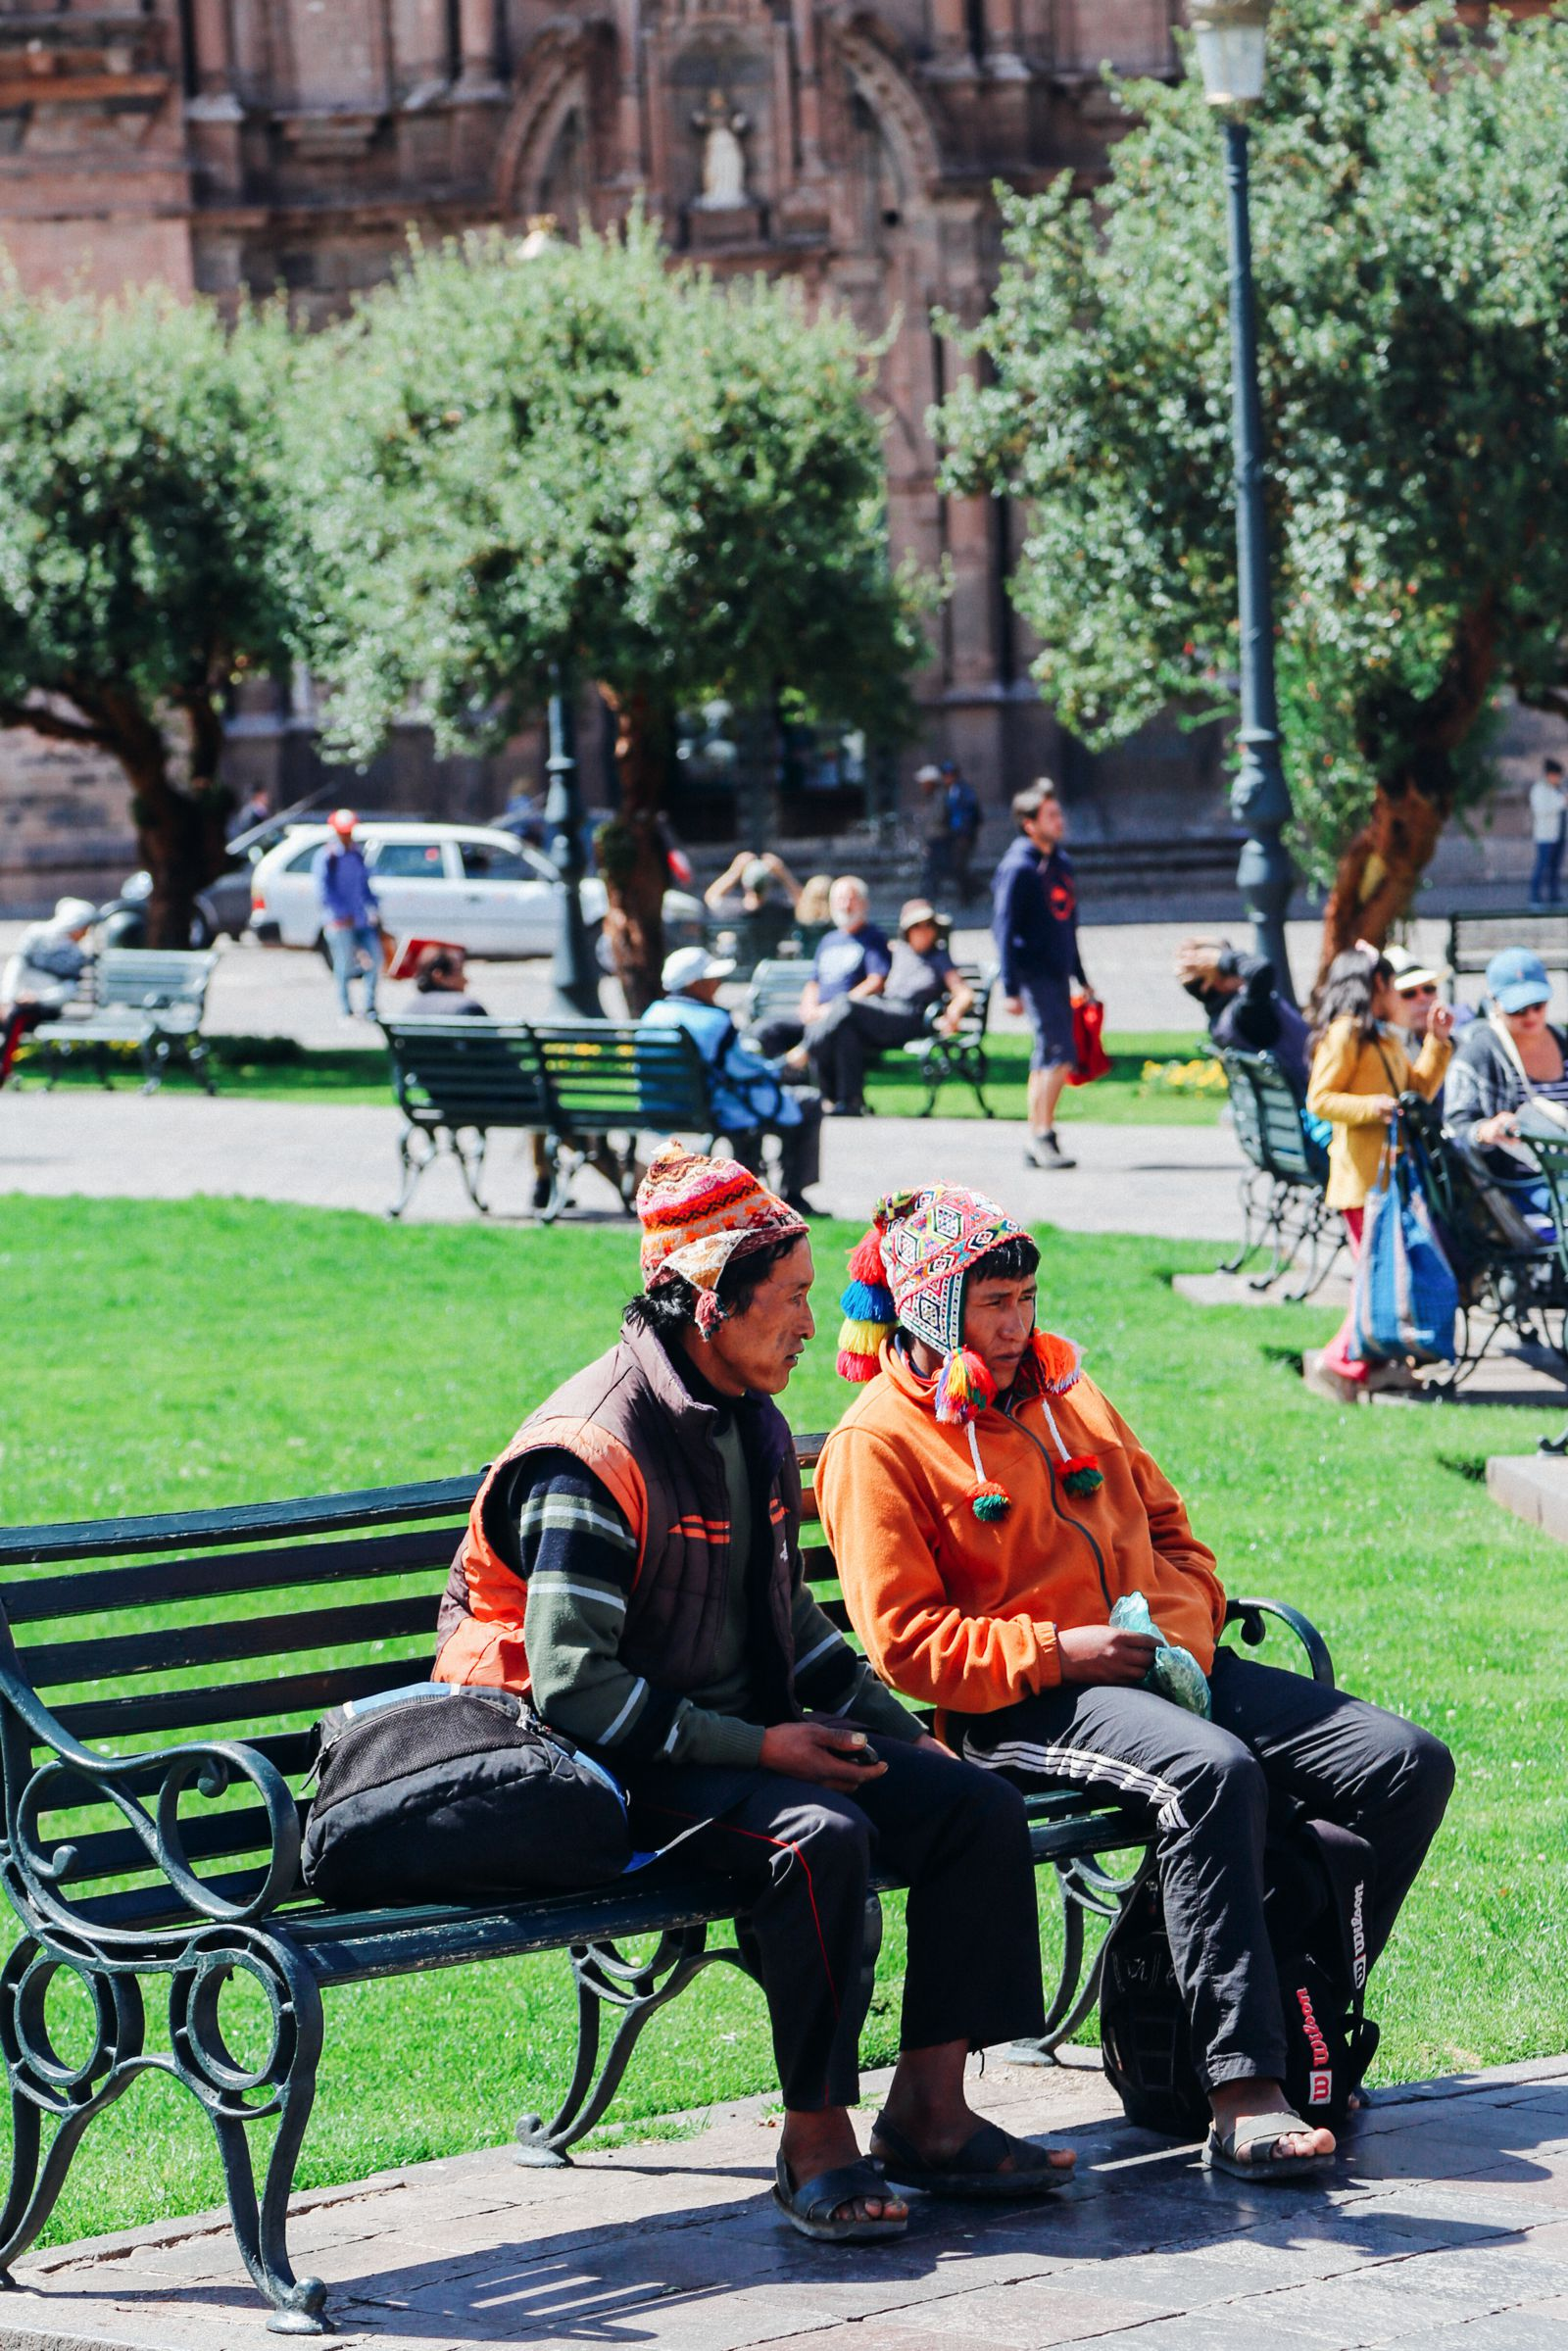 Postcards from Peru - Cusco and Machu Picchu (2)